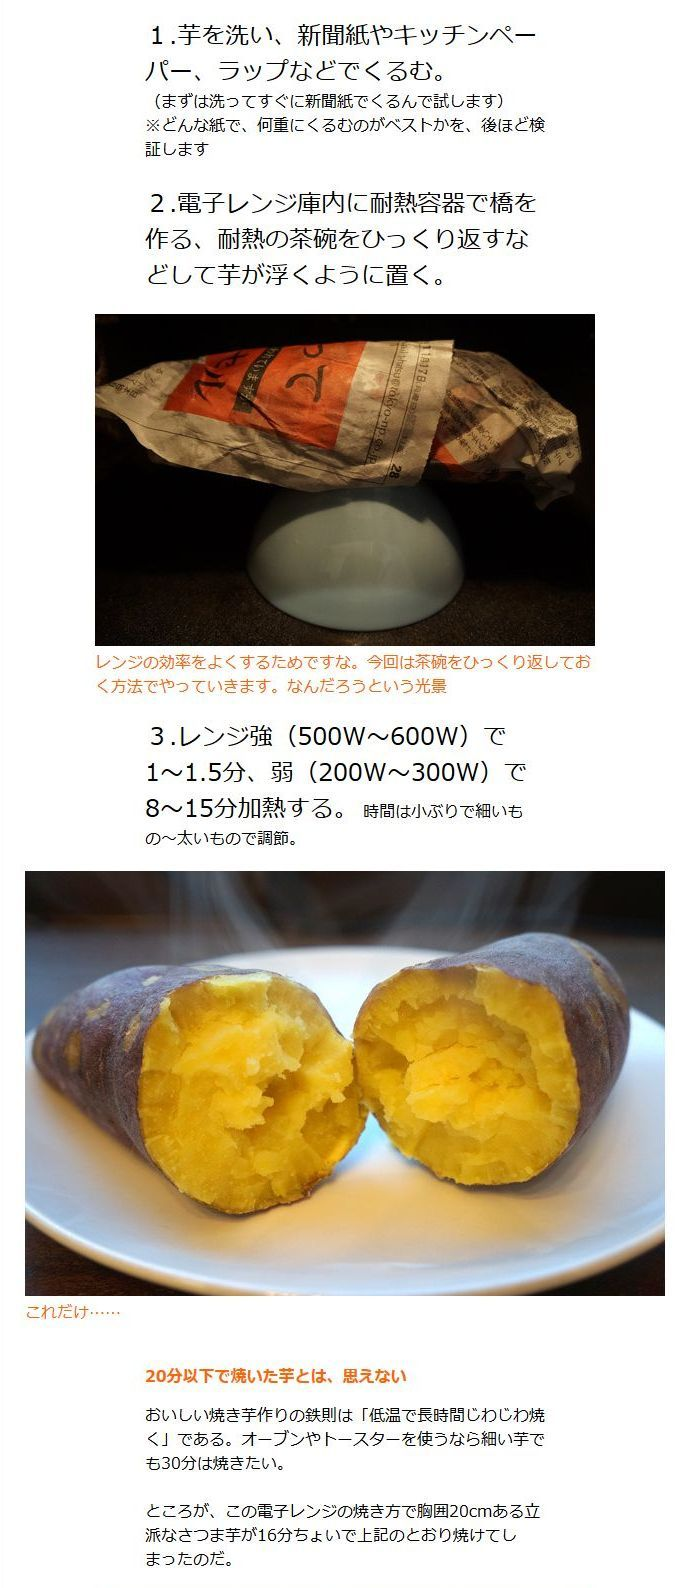 《電子レンジ焼き芋の超進化》1.芋を洗い、新聞紙やキッチンペーパー、ラップなどでくるむ。2.電子レンジ庫内に耐熱容器で橋を作る、耐熱の茶碗をひっくり返すなどして芋が浮くように置く。3.レンジ強(500W~600W)で1~1.5分、弱(200W~300W)で8~15分加熱  - デイリーポータルZ http://portal.nifty.com/kiji/141119165662_1.htm